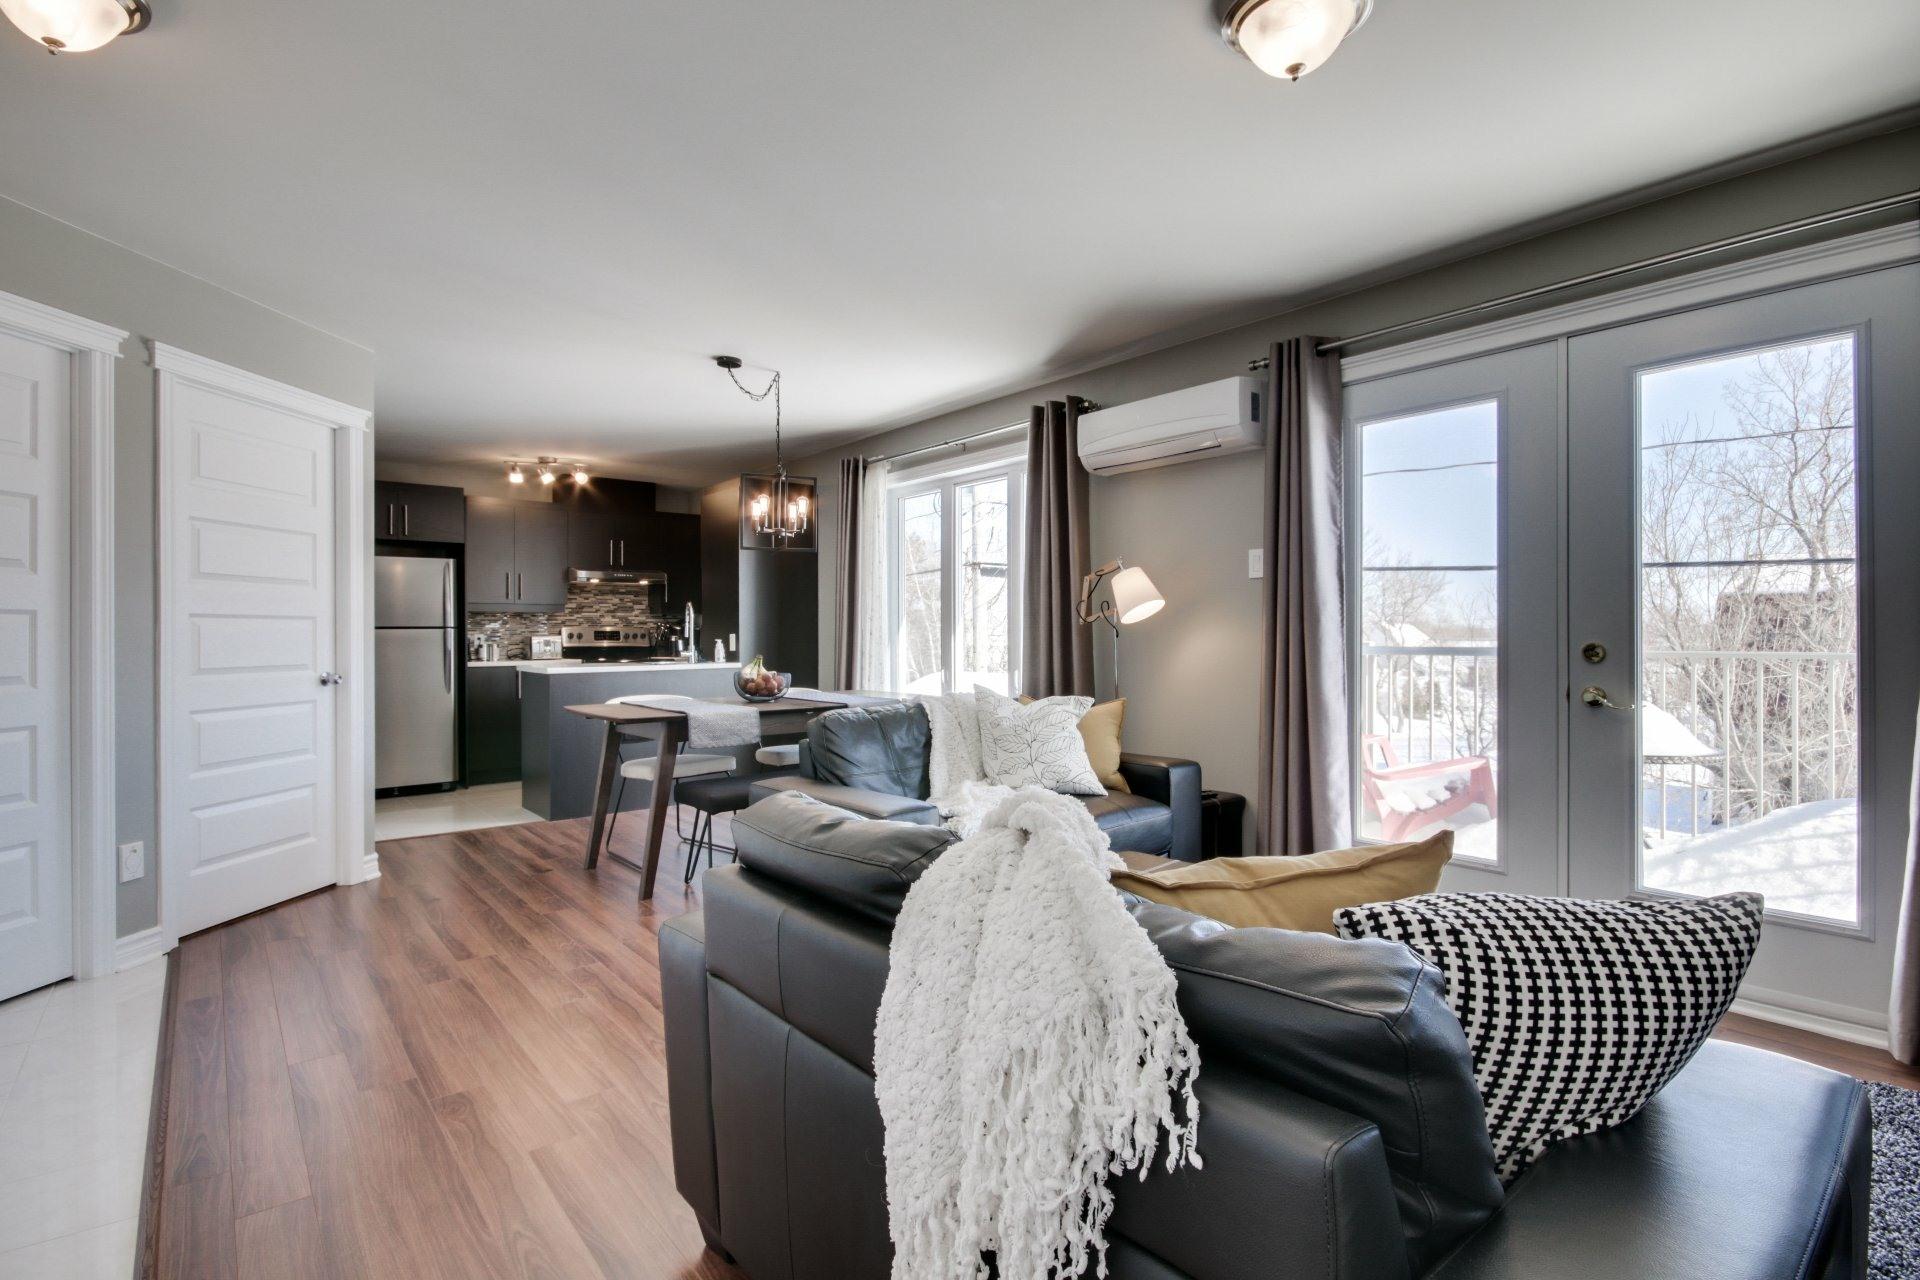 image 5 - Apartment For sale Trois-Rivières - 6 rooms